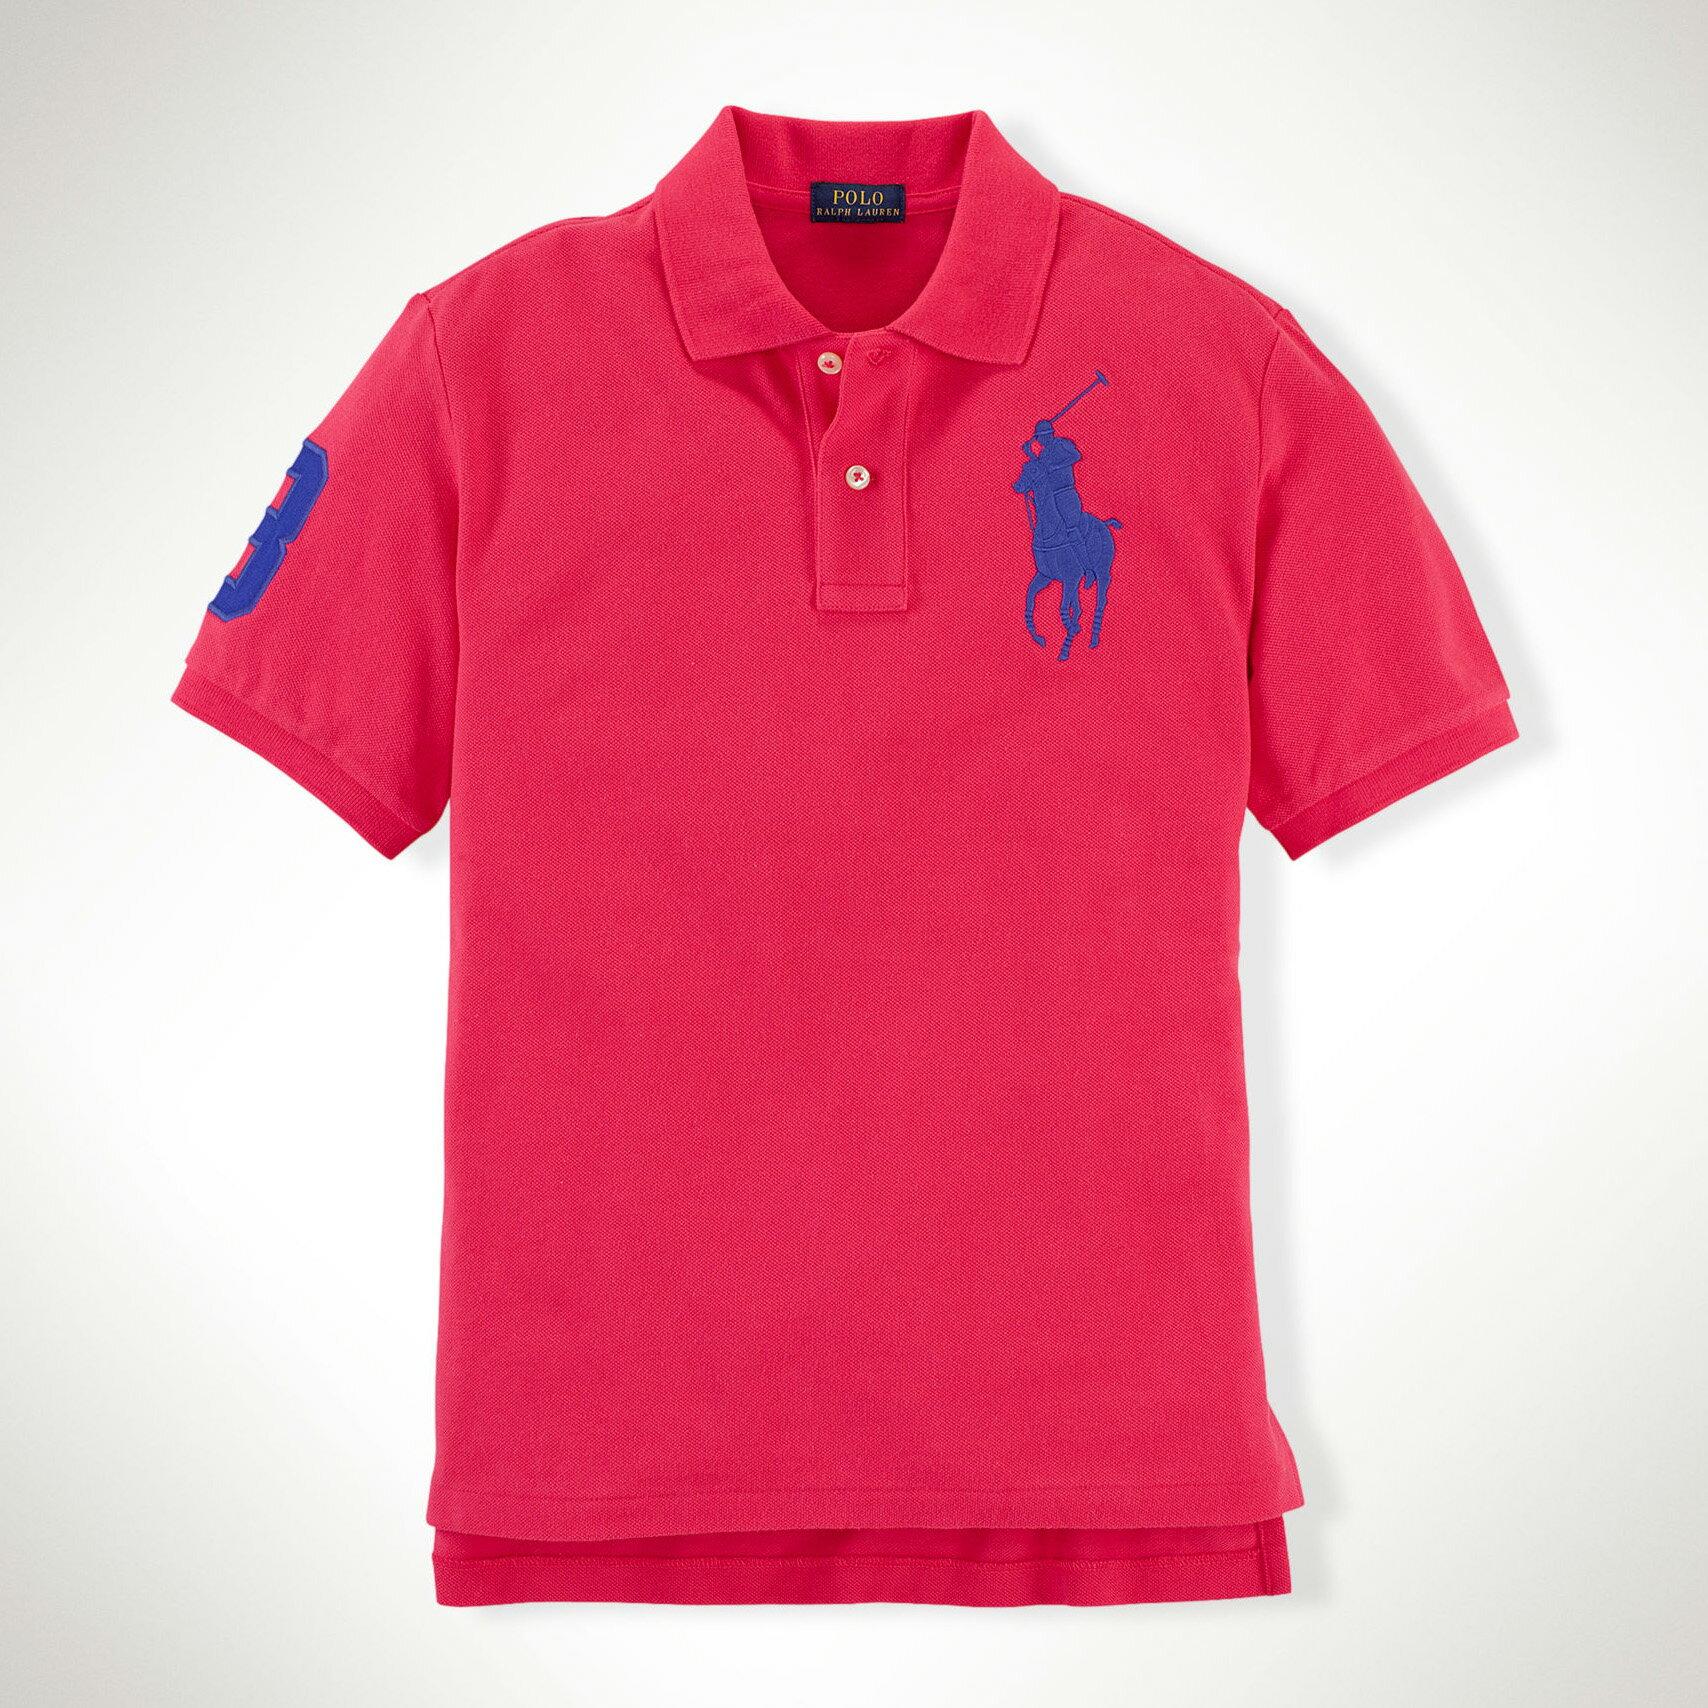 美國百分百【Ralph Lauren】Polo 衫 RL 短袖 網眼 大馬 素面 西瓜紅 男 S XS號 B003